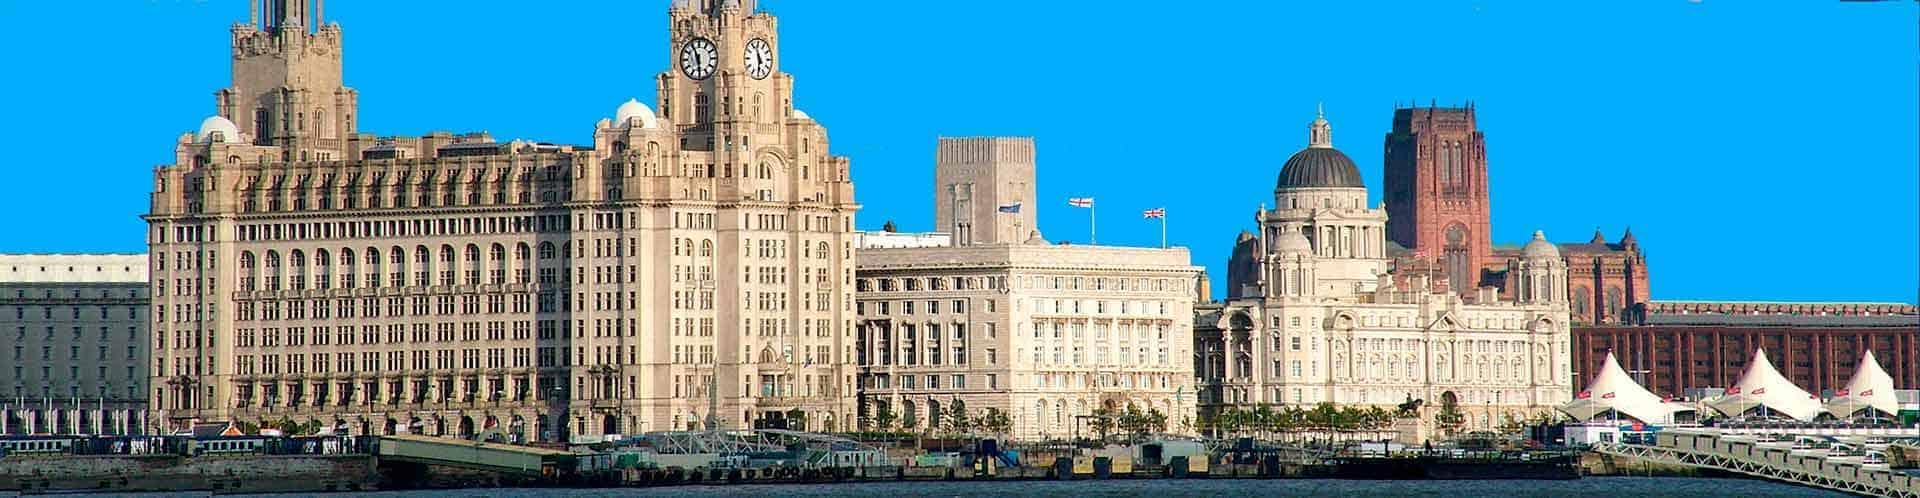 Free Tour Liverpool - Turismo Reino Unido